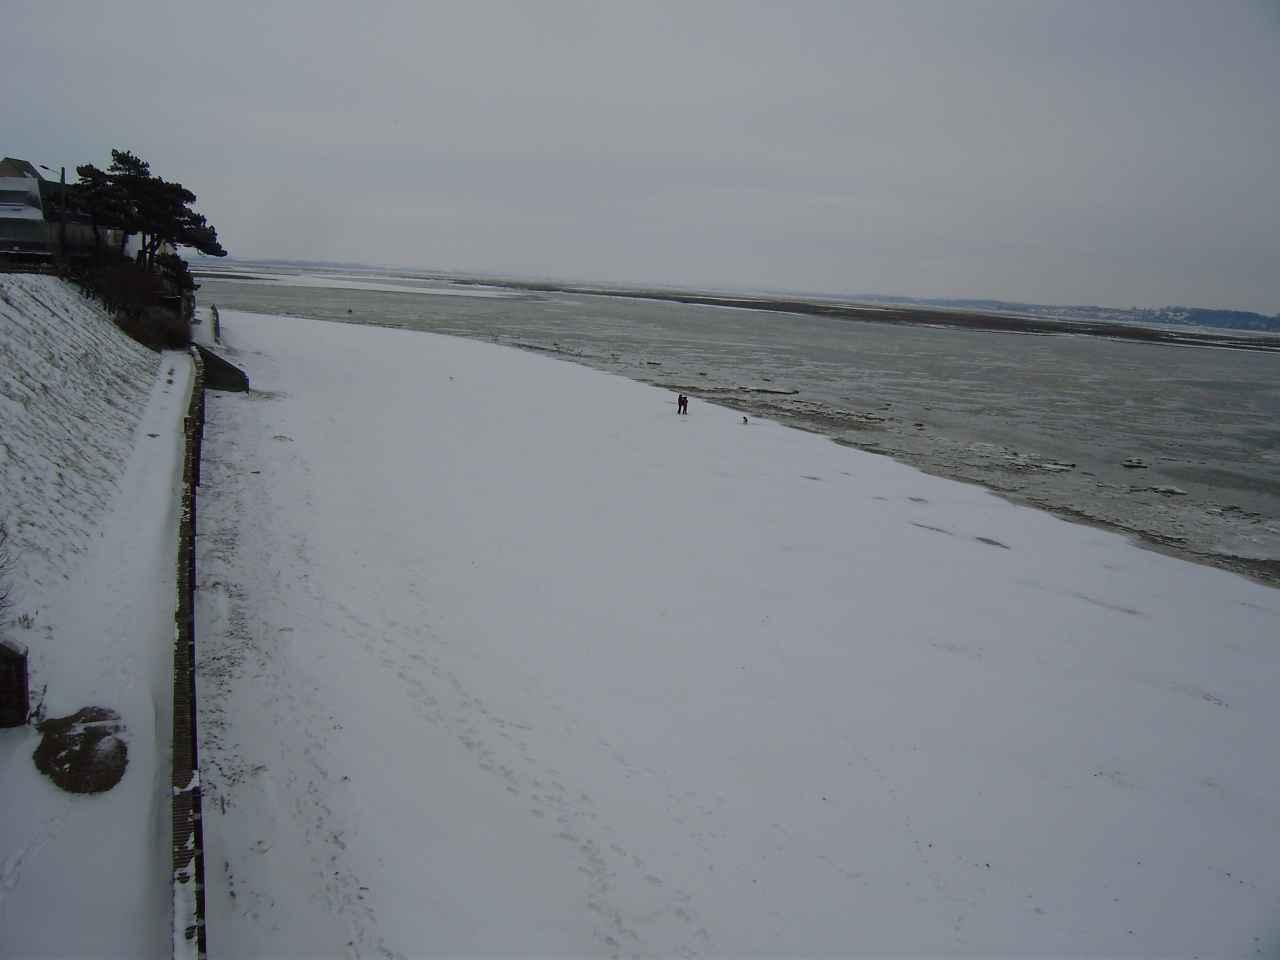 La plage du Crotoy enneigée février 2012